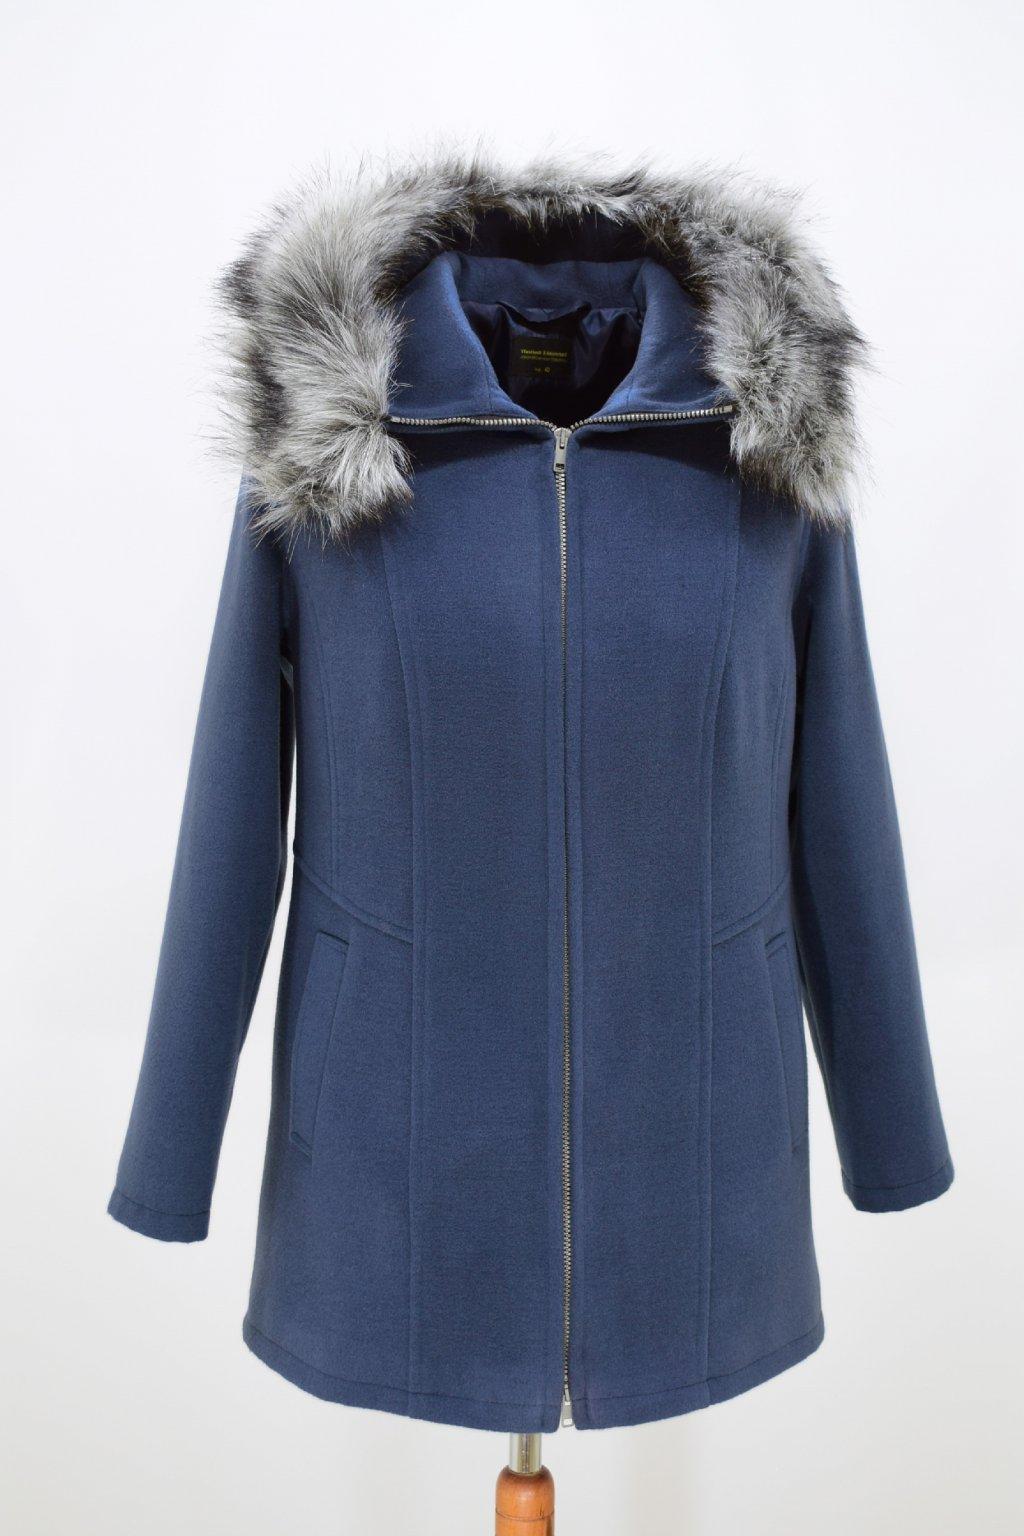 Dámský modrý zimní kabátek Žaneta nadměrné velikosti.